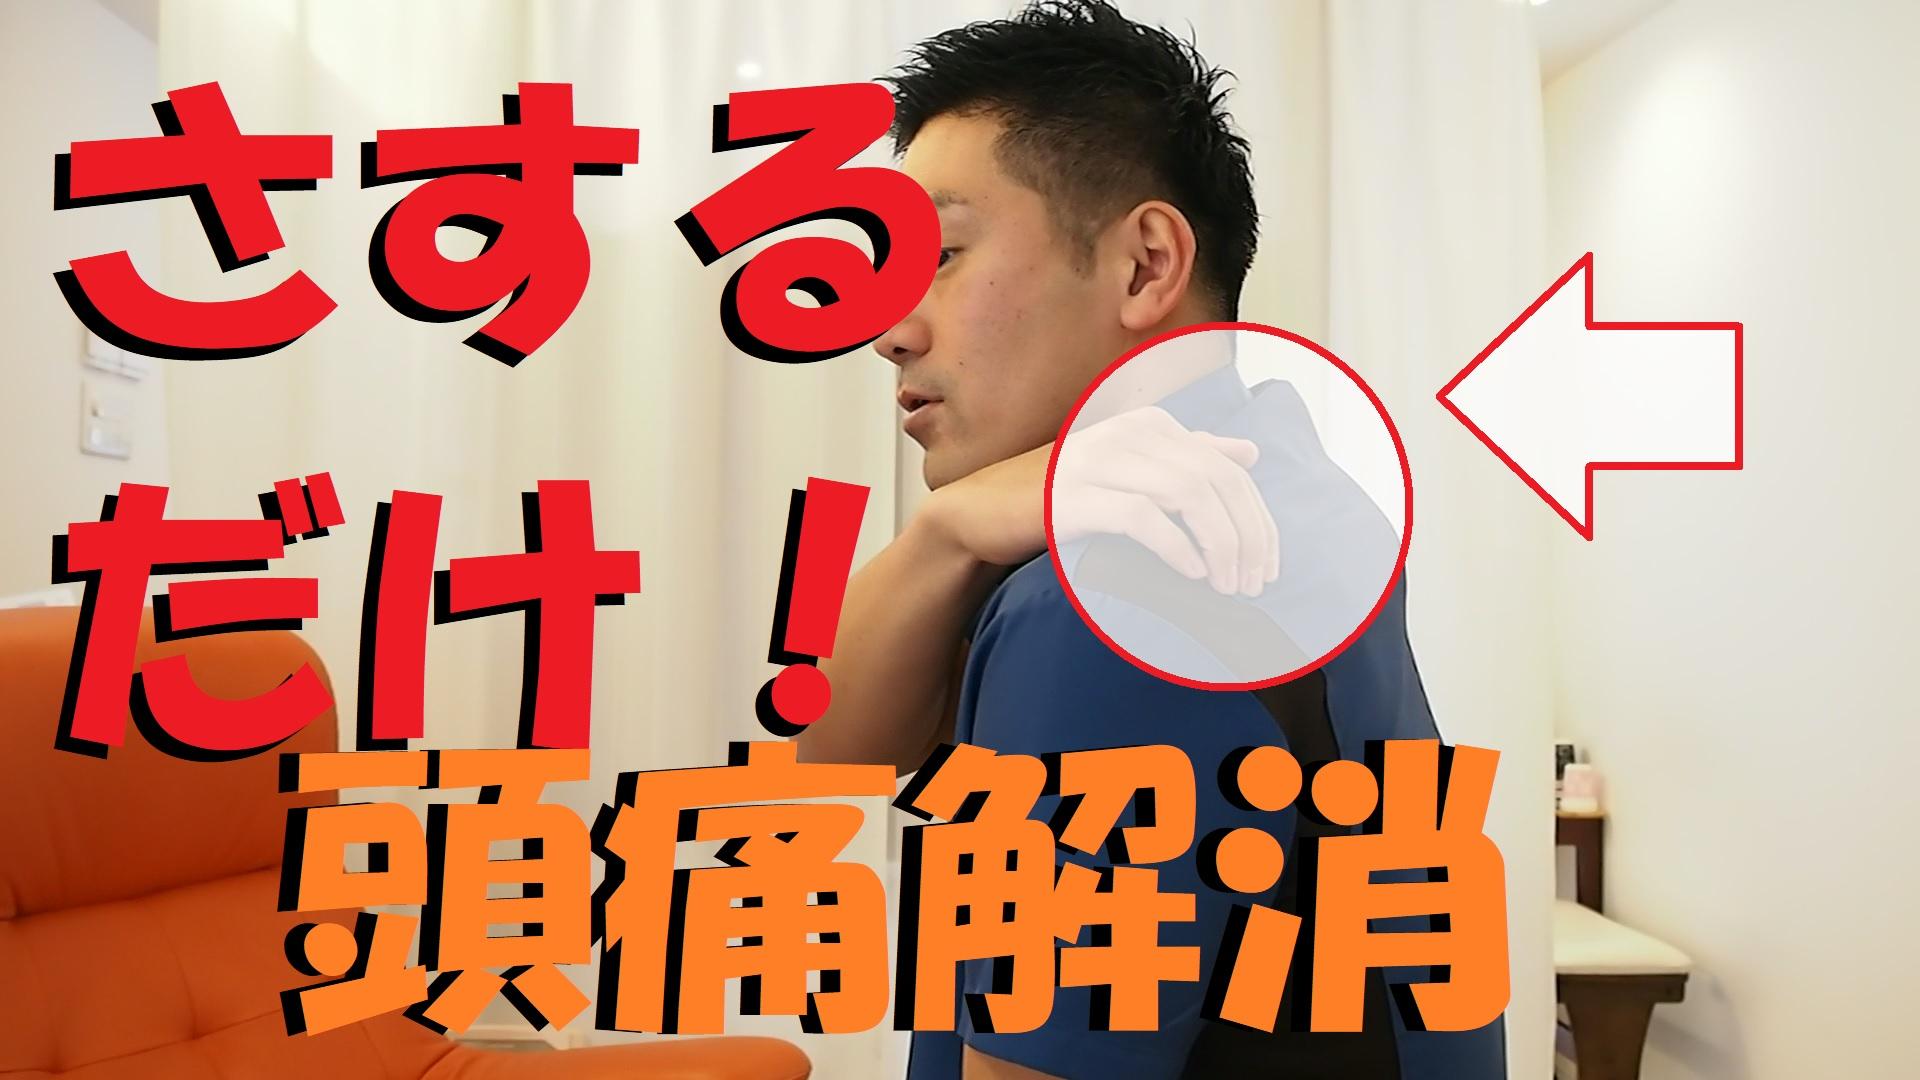 肩こりや血圧上昇を伴う急な頭痛は肩甲骨を2分さするだけで解消できます!(大阪市生野区鶴橋ここはな整体院)